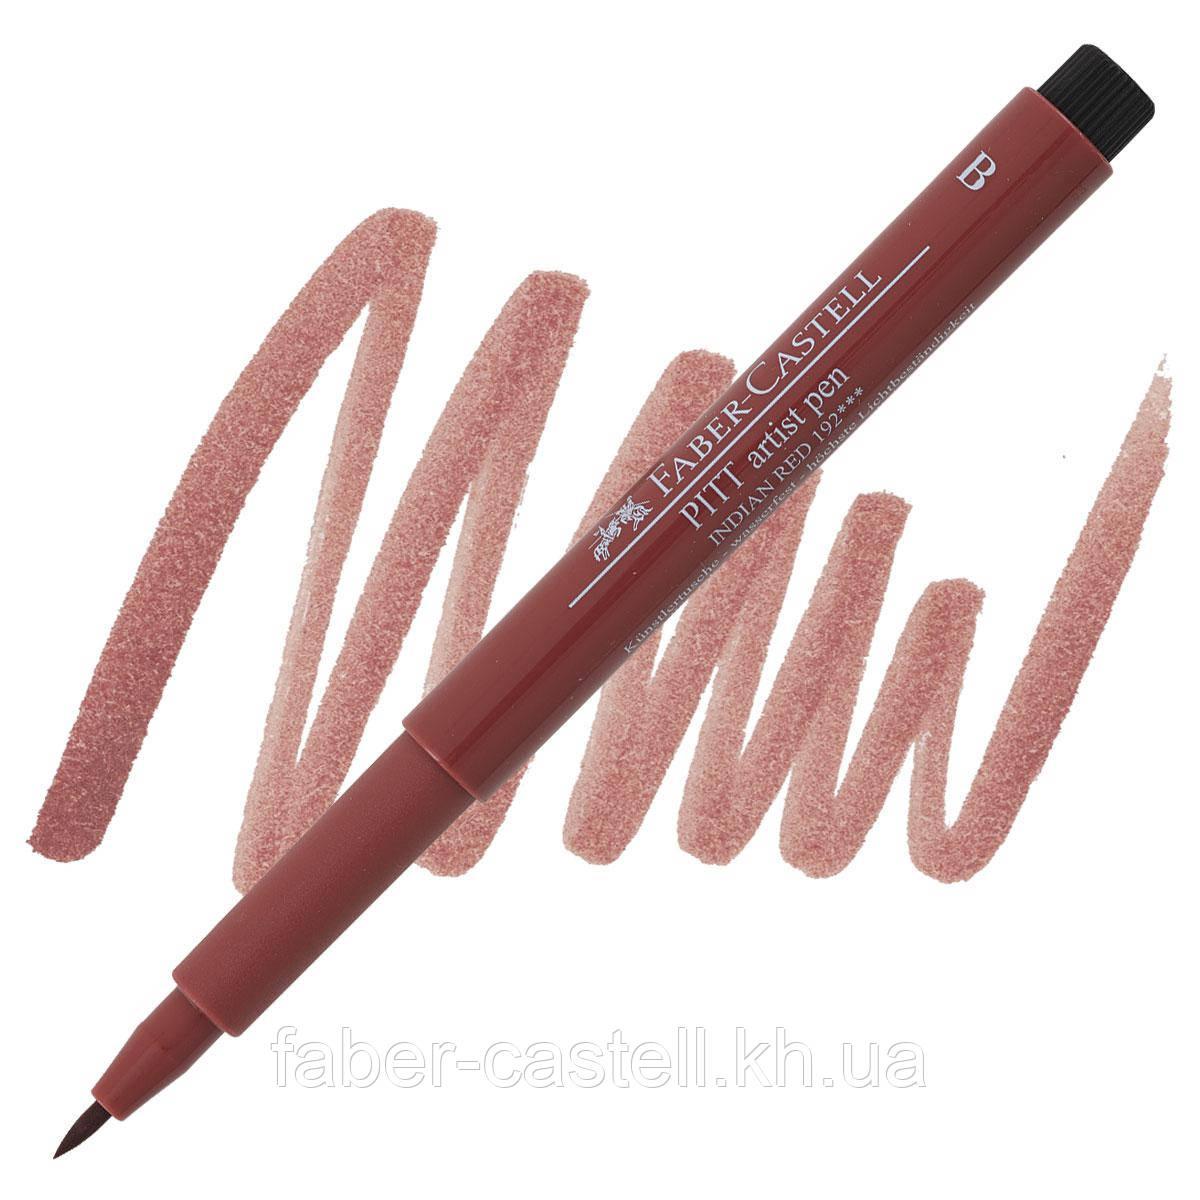 """Ручка-кисточка капиллярная Faber - Castell PITT® ARTIST PEN """"BRUSH"""" №192 индийский красный, 167492"""